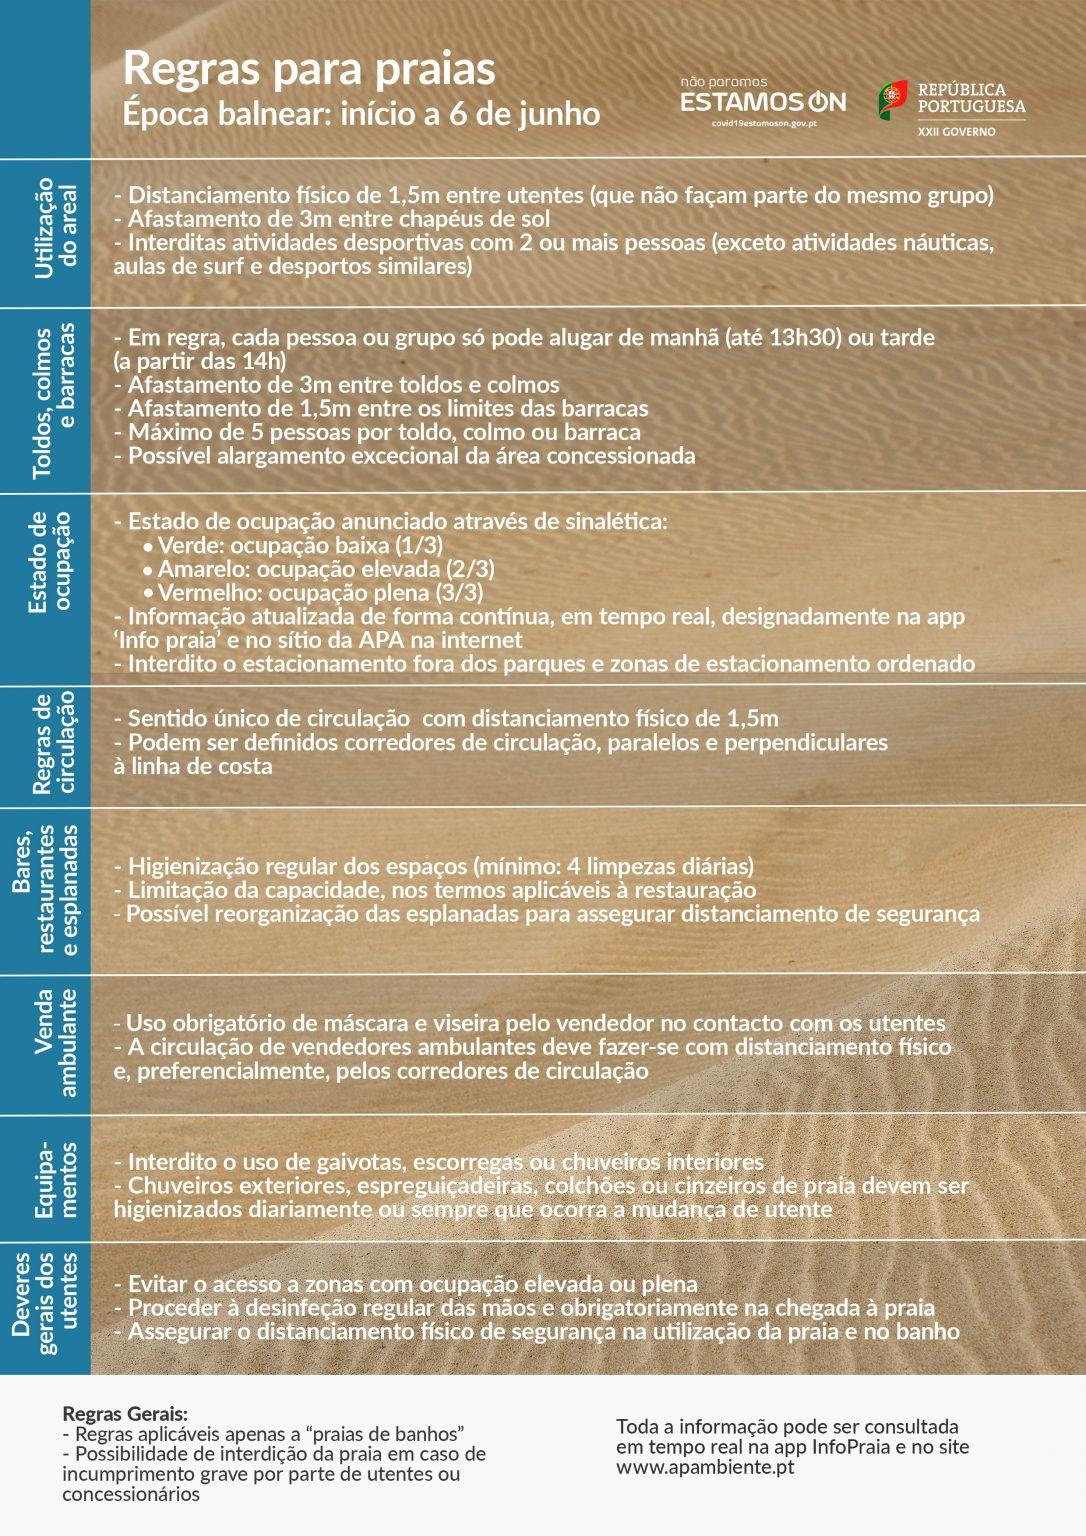 Tabela_Desconfinamento_praias-1086x1536.jpg